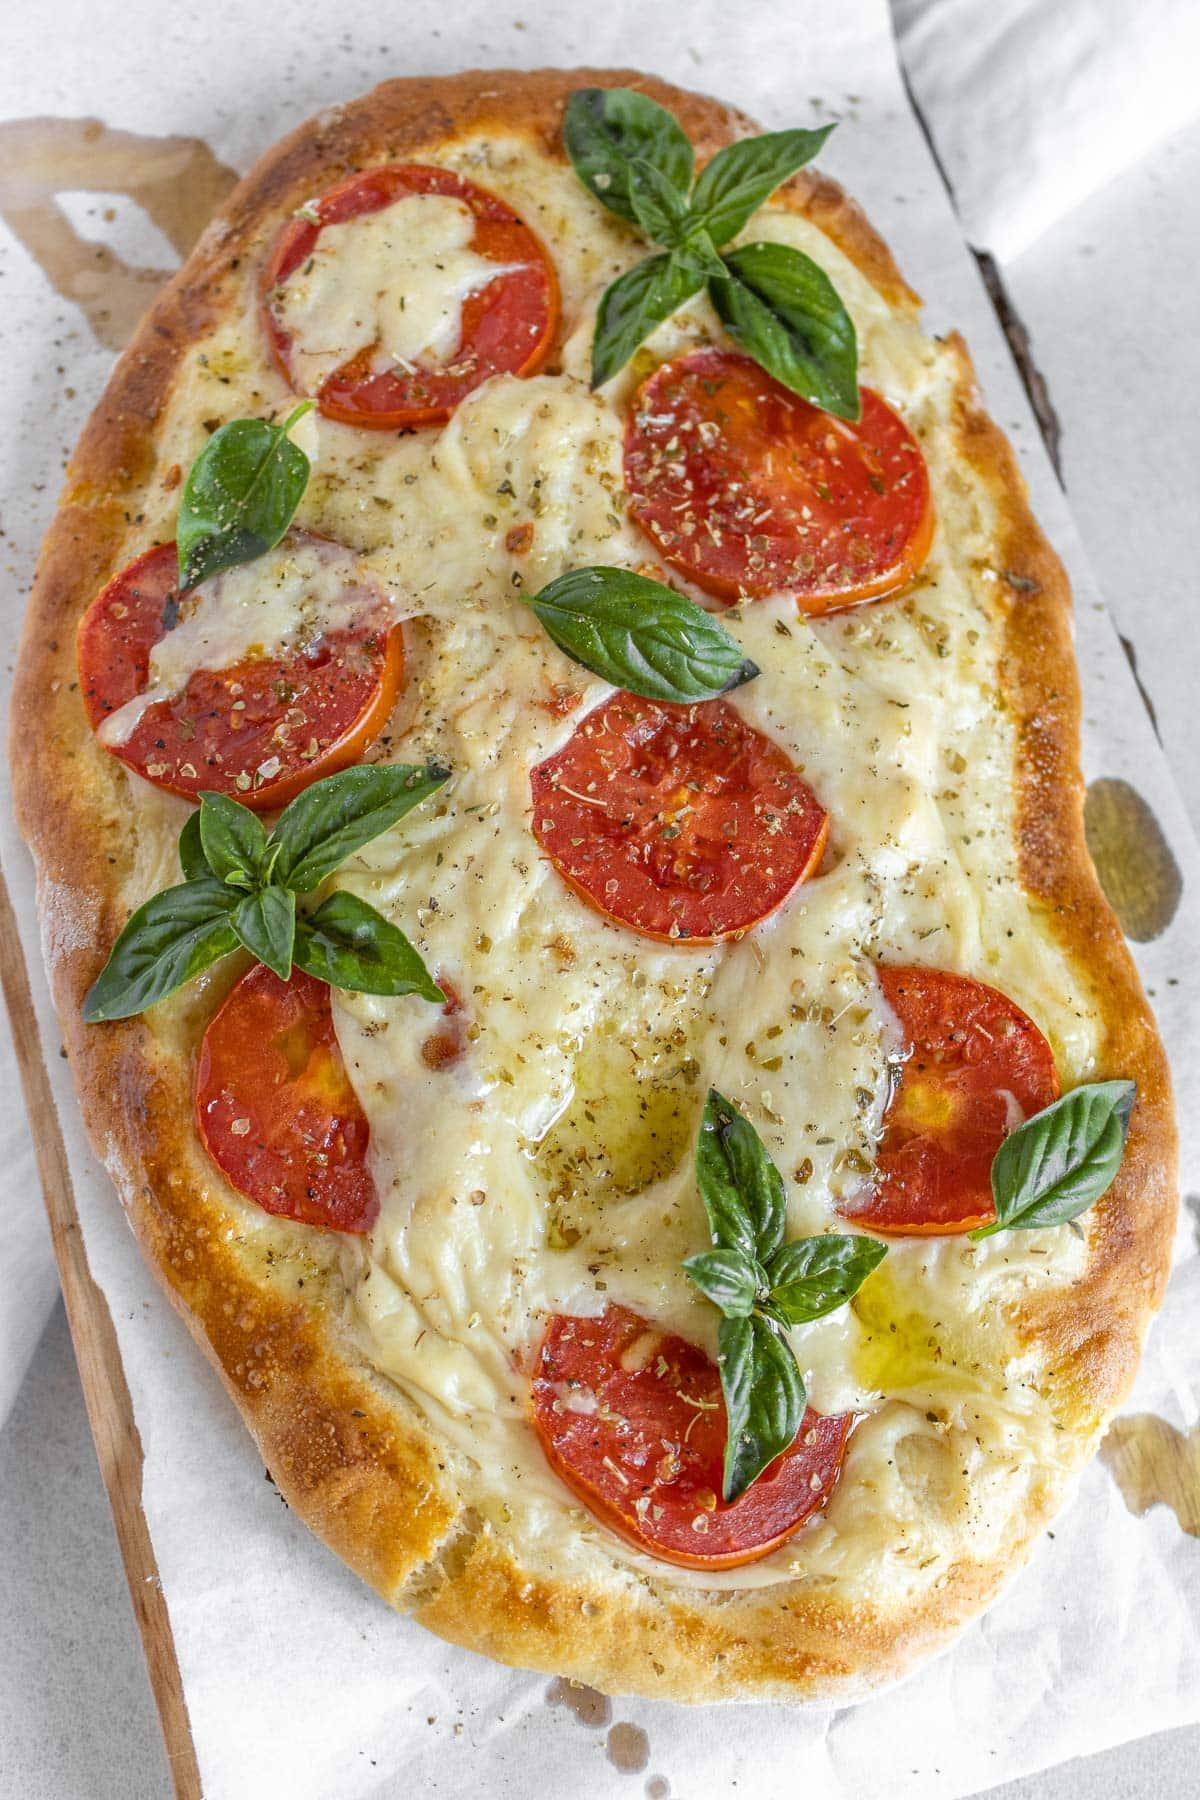 vegan stracchino cheese, tomato and basil